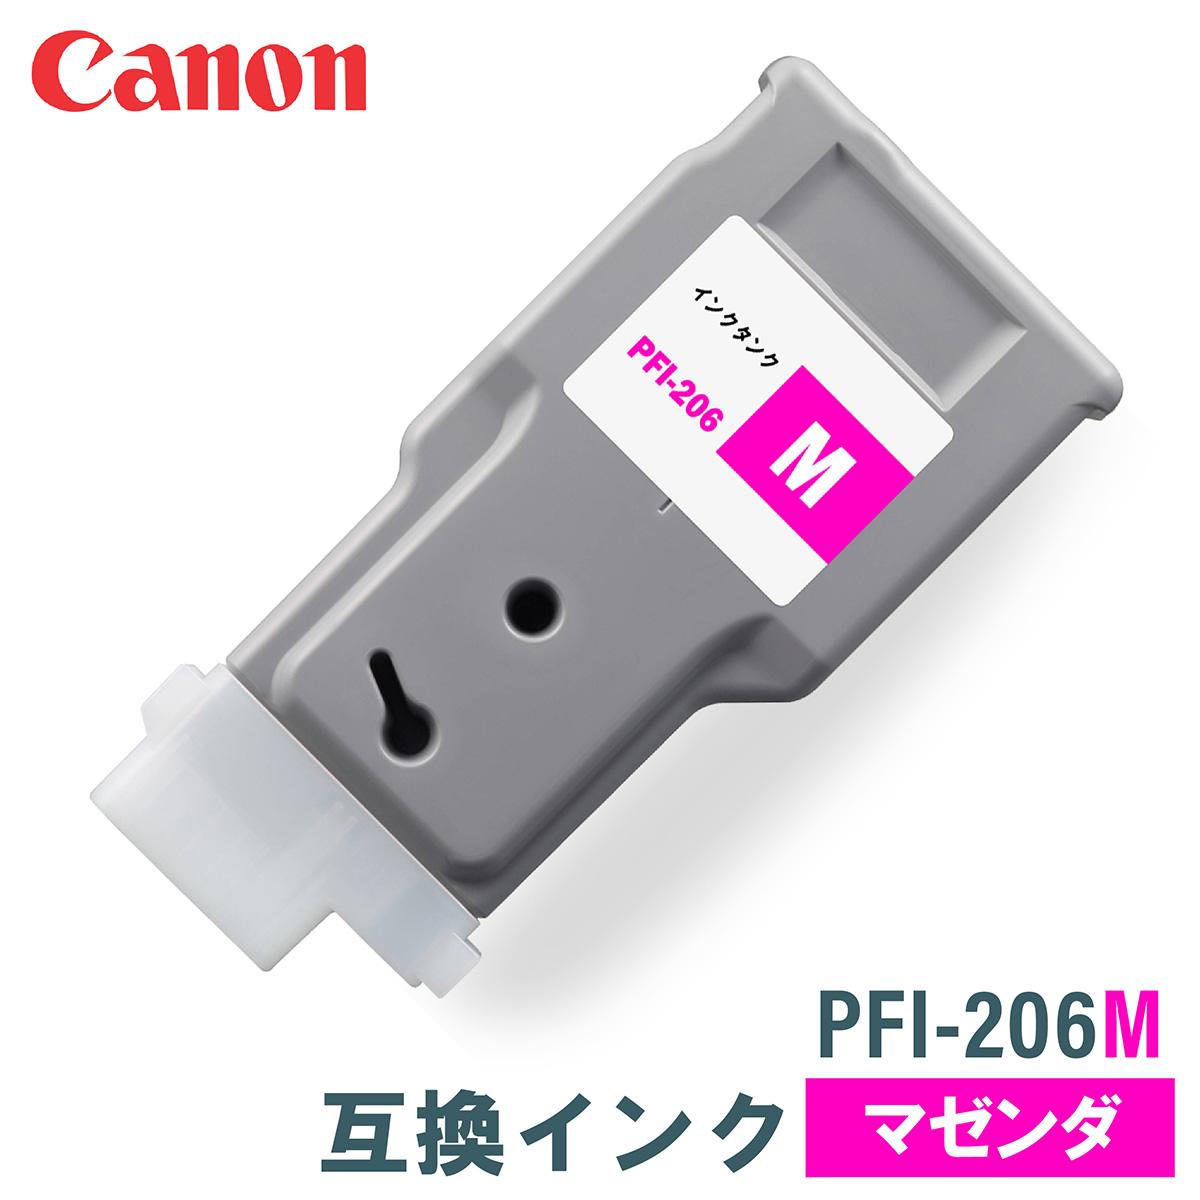 キヤノン 互換インク CANON PFI-206M マゼンタ 300ml